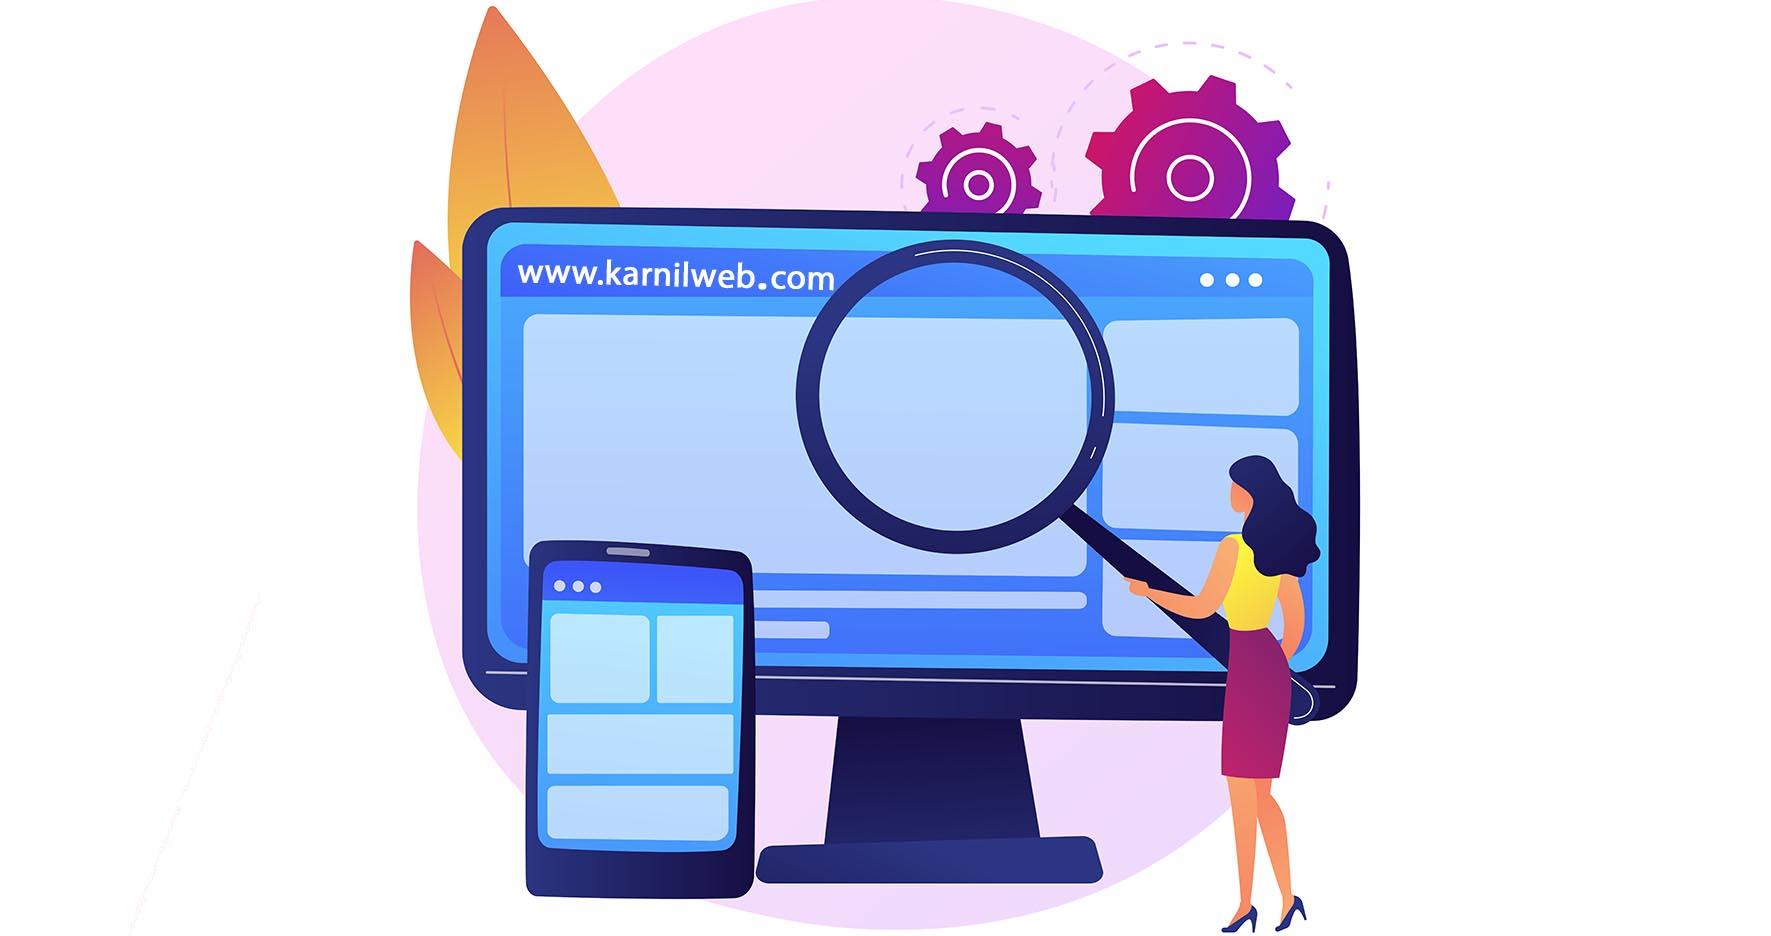 دلایل اهمیت طراحی سایت واکنشگرا - کارنیل وب